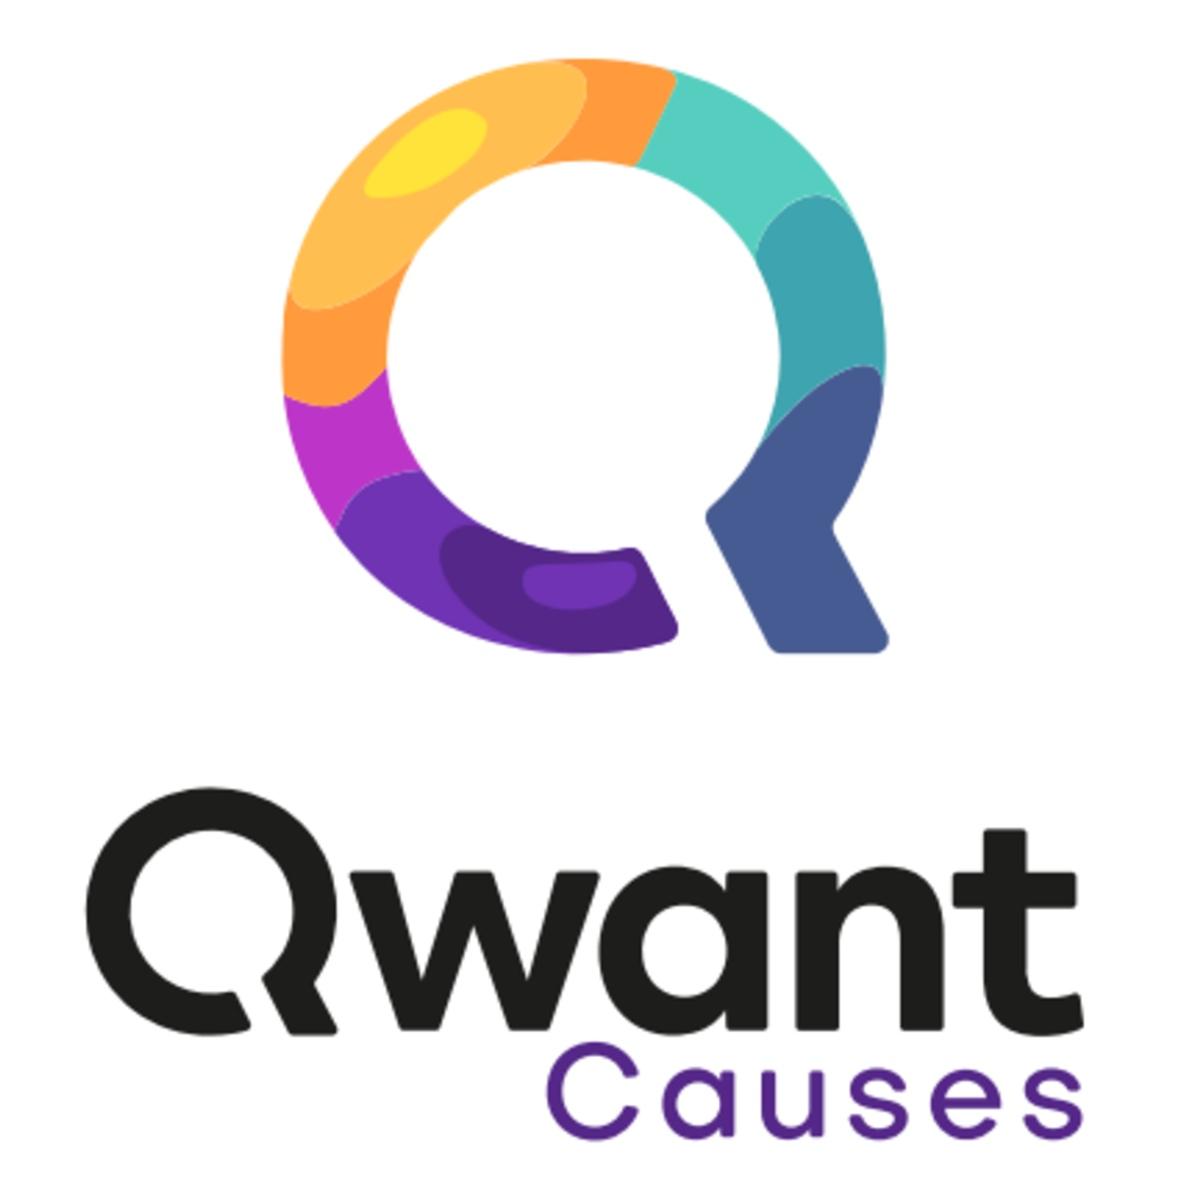 Qwant Causes : quelles sommes ont été récoltées puis reversées aux associations ?